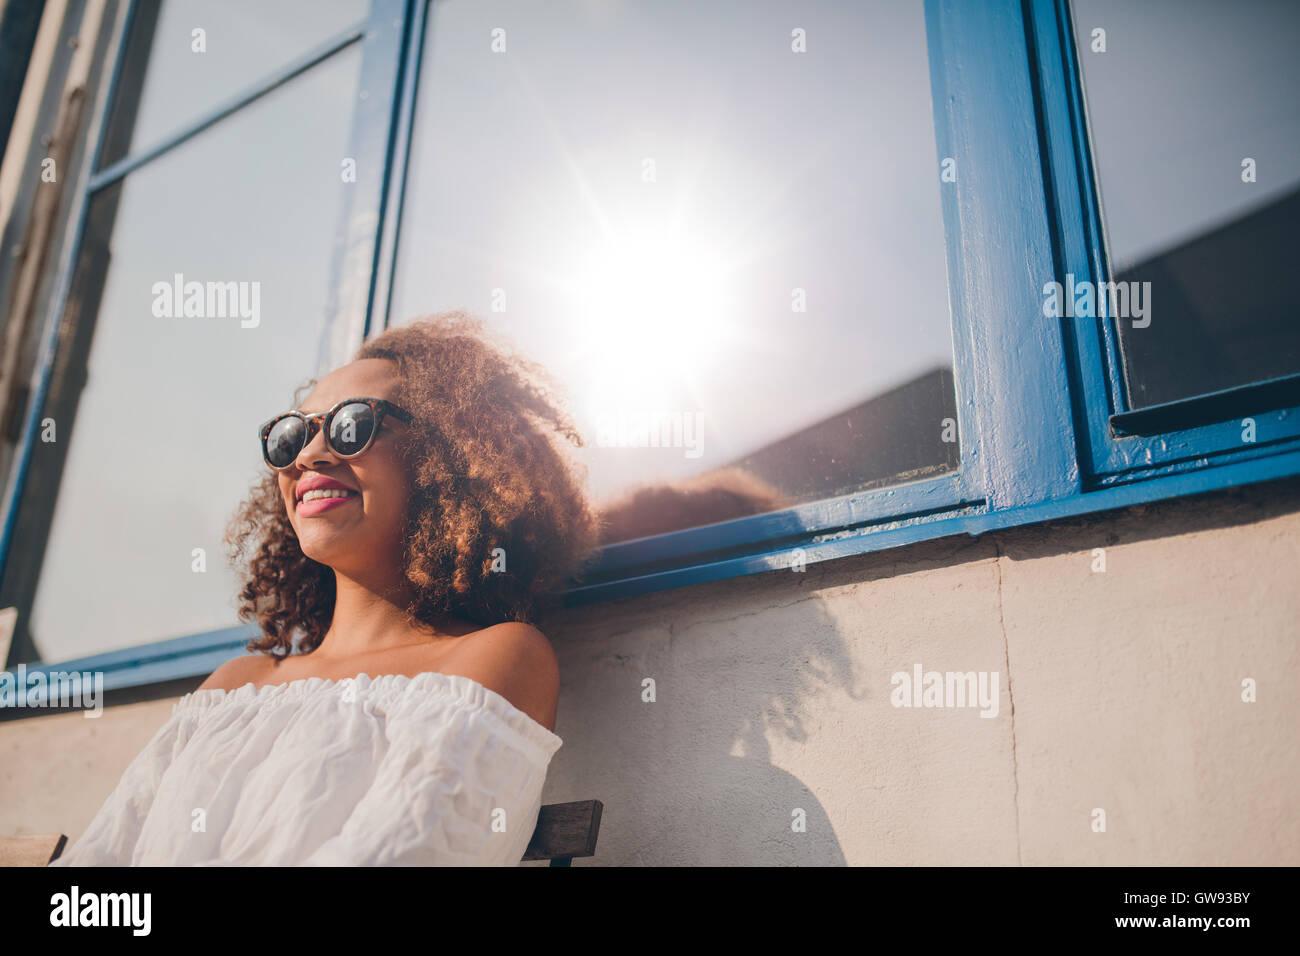 Im Freien Schuss glücklich junge afrikanische Frau im Freien sitzen und Lächeln auf den Lippen. Frau mit Stockbild